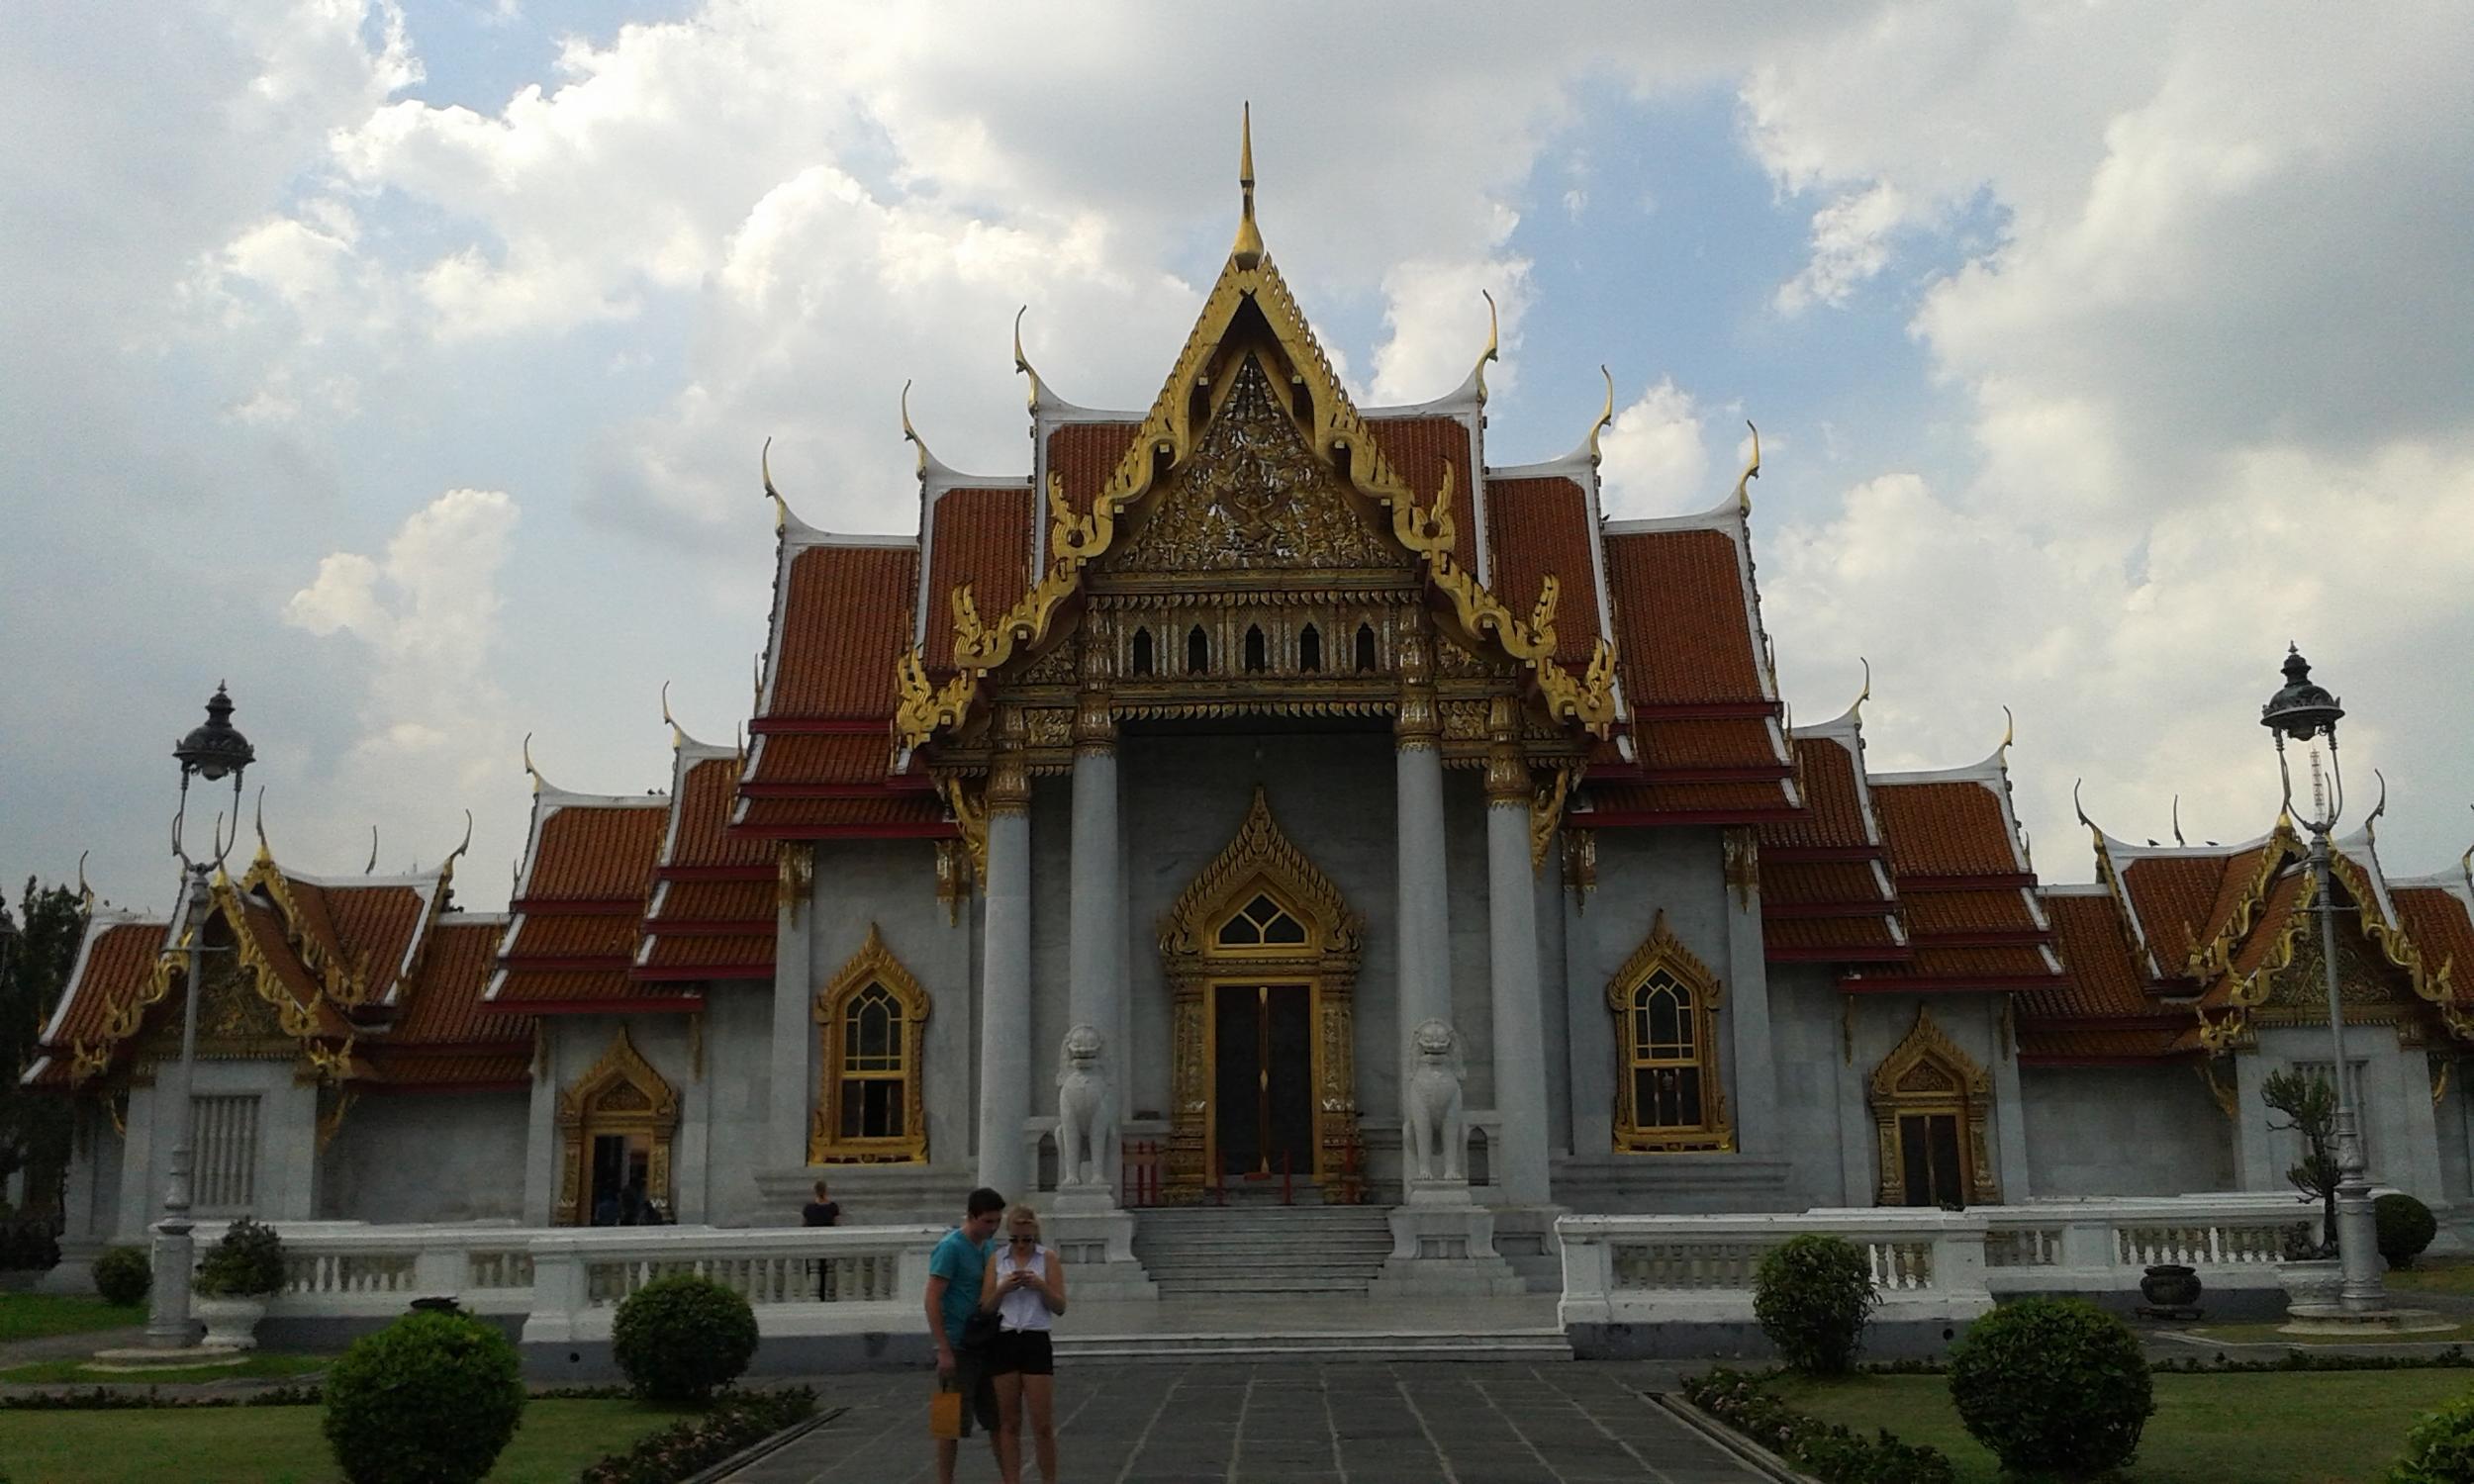 Emerald Palace